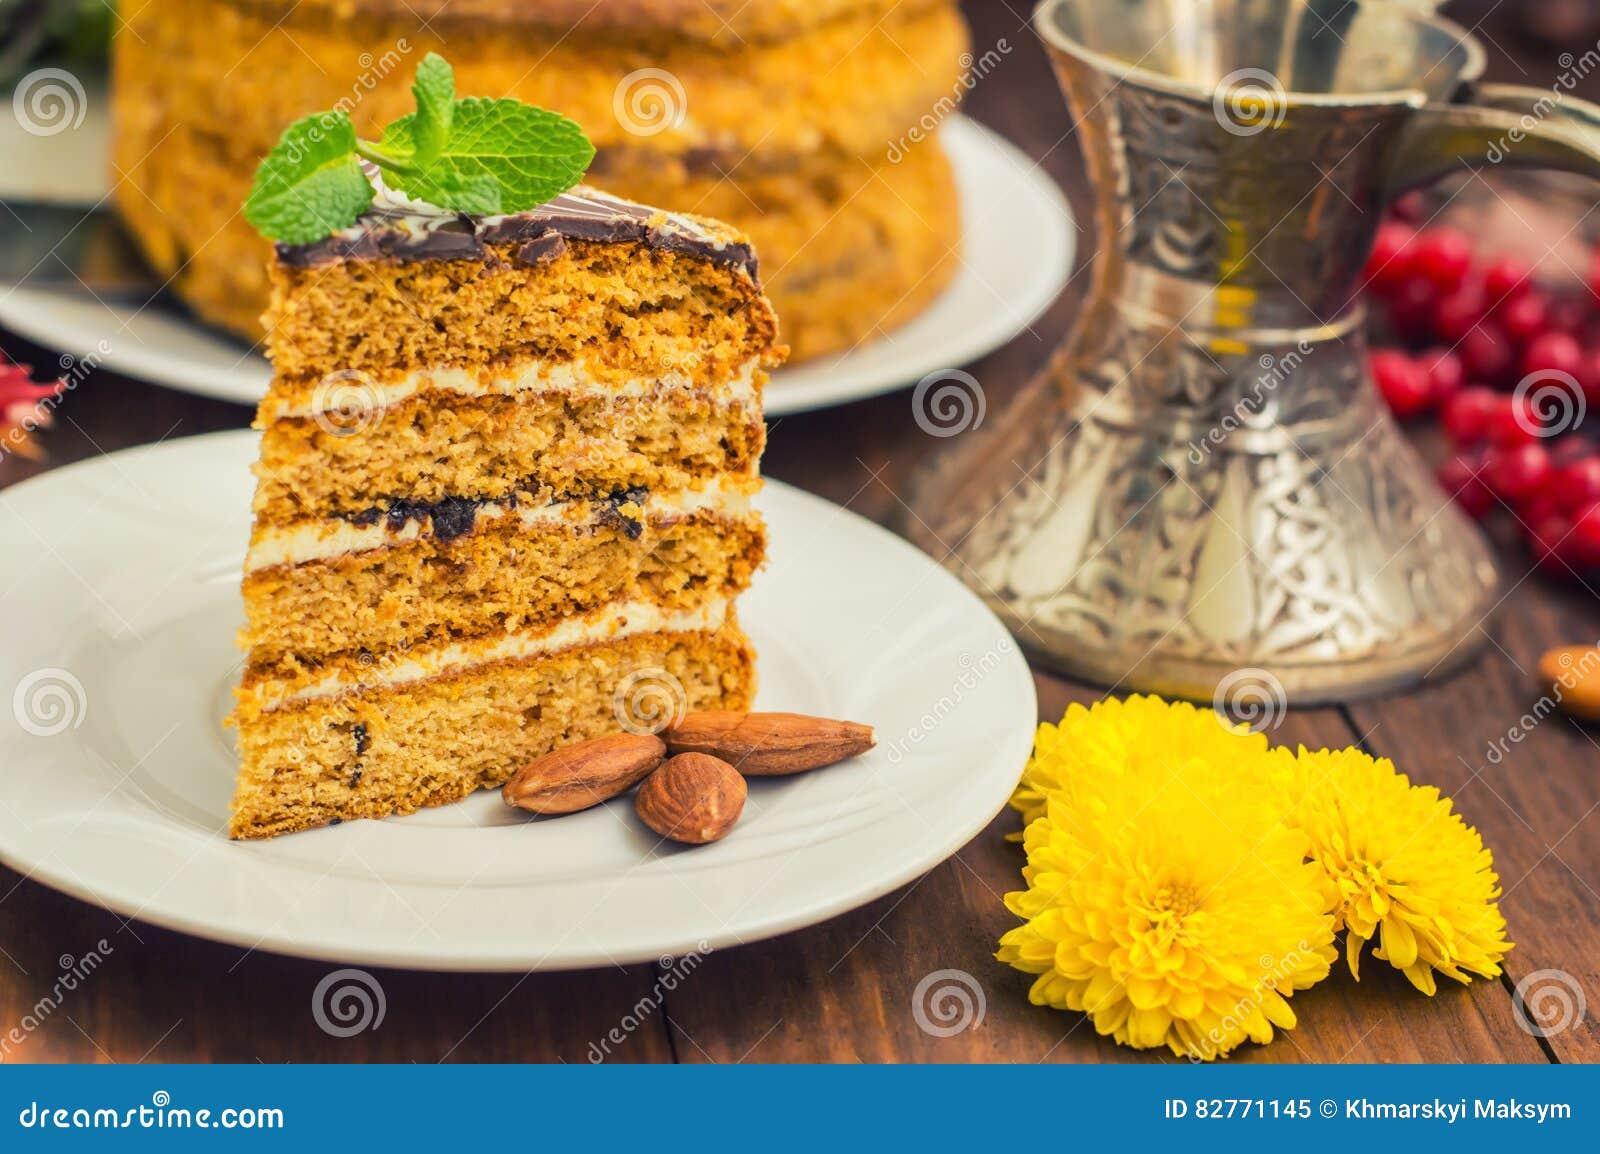 Gâteau Traditionnel D\u0027Esterhazy De Hongrois Foyer Sélectif